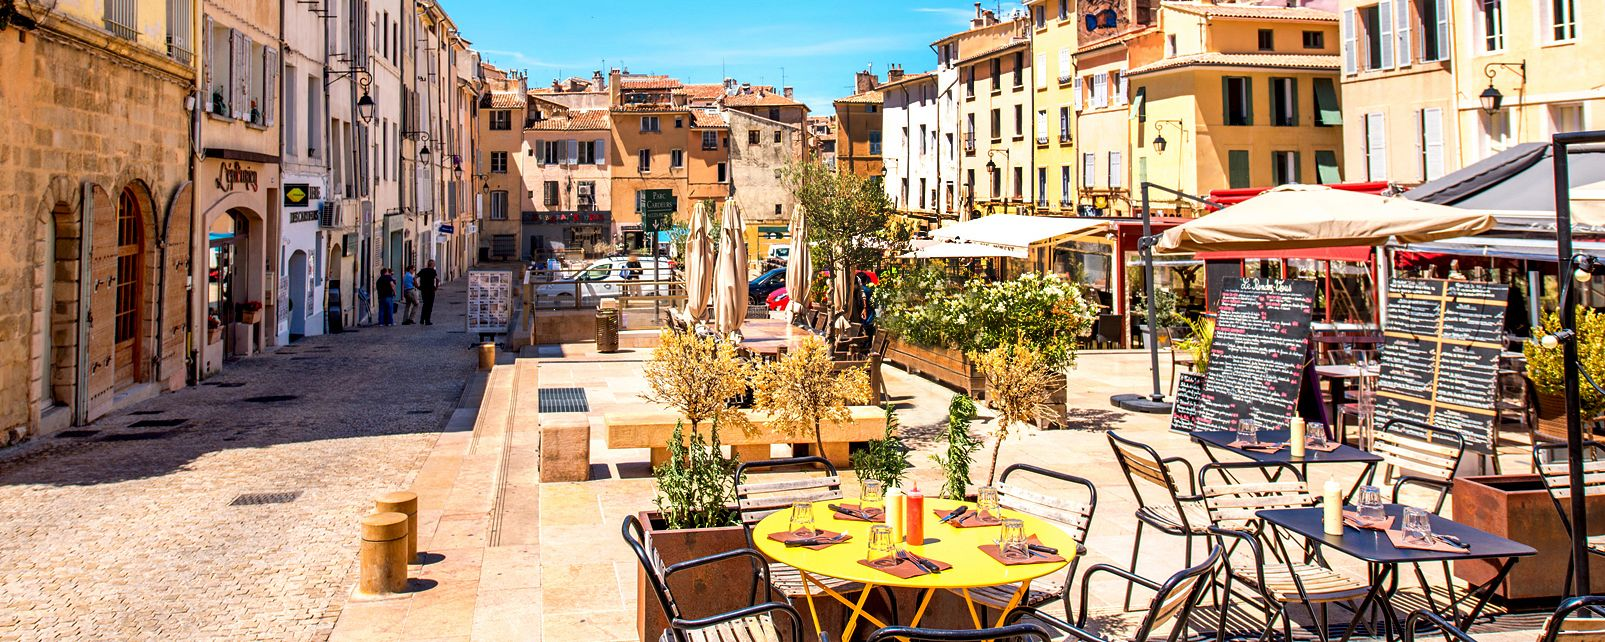 Aix-en-Provence - mesure objective des ondes par Demain Conseils